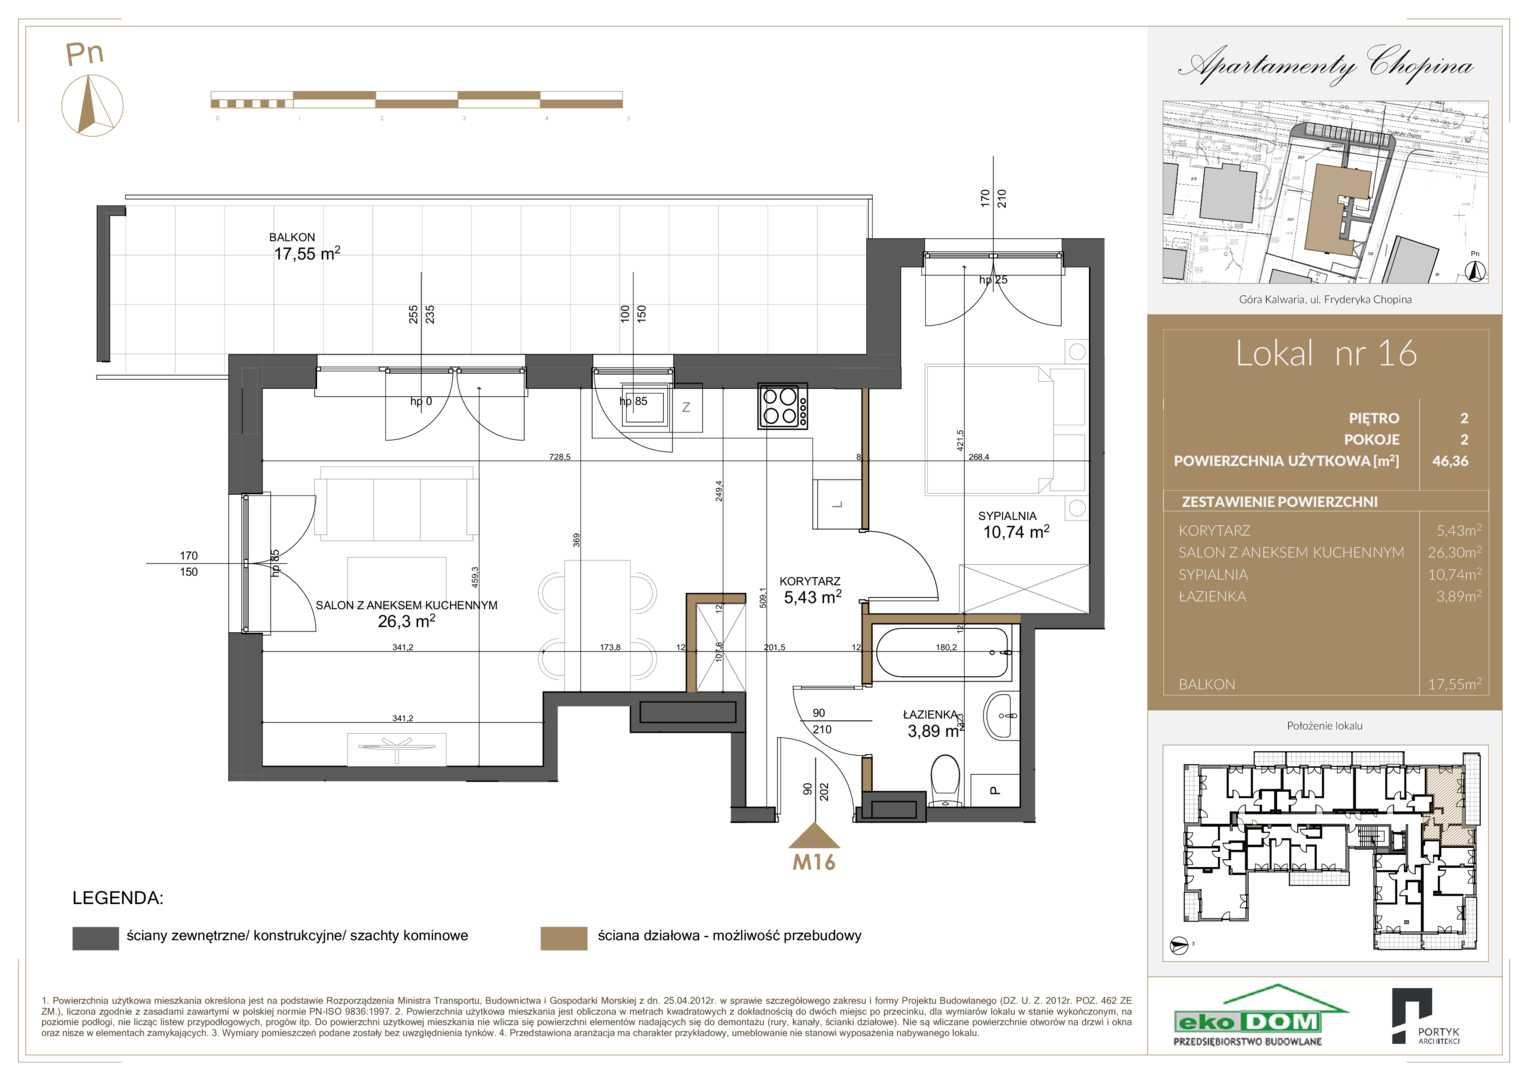 Mieszkanie w inwestycji: Apartamenty Chopina